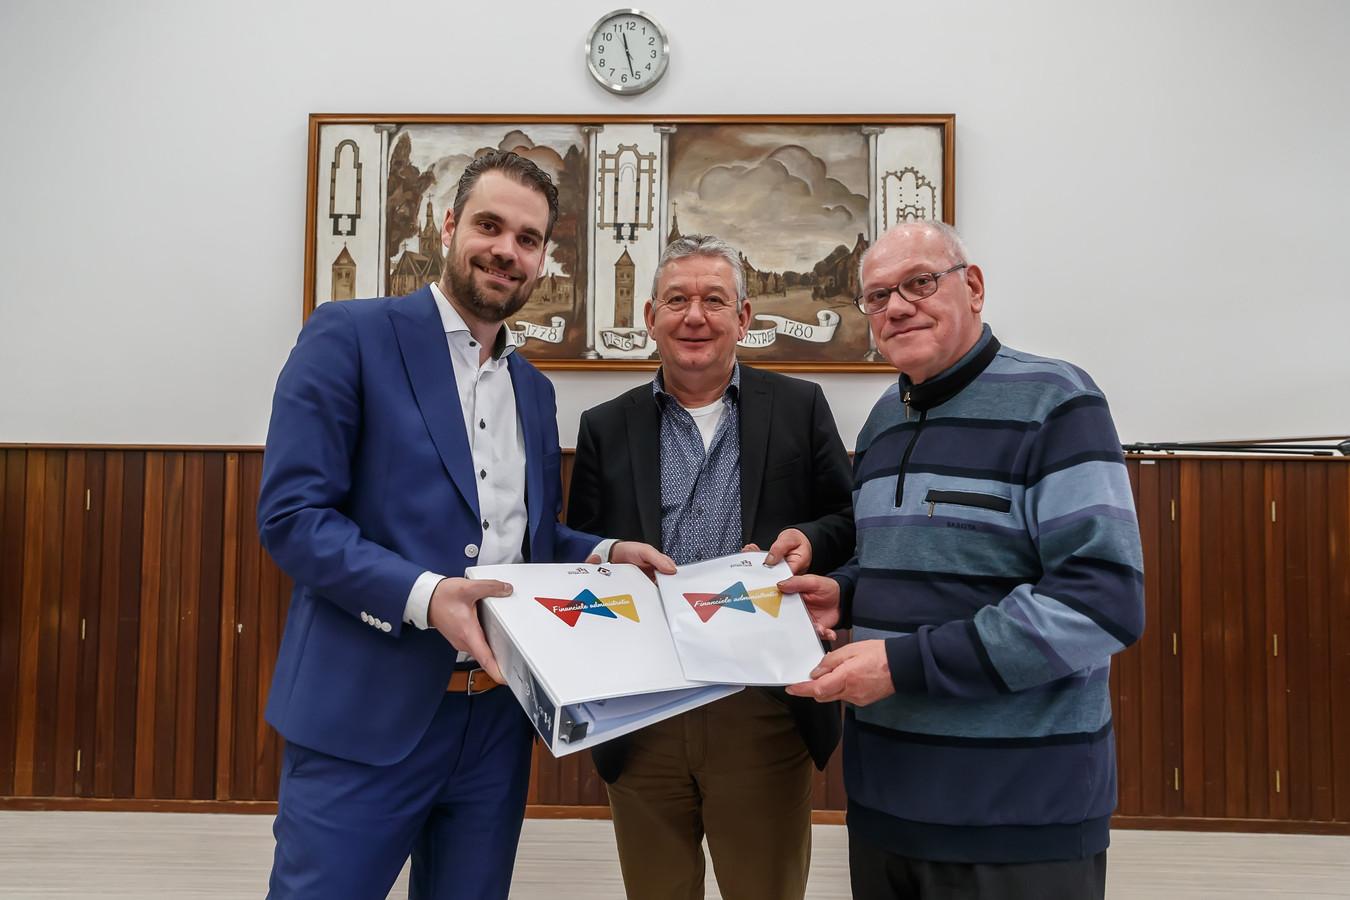 De KBO's van Etten en Leur slaan met de gemeente de handen ineen om ouderen te helpen met administratieve taken. In beeld wethouder Martin van der Bijl met KBO-voorzitters Jack Oomen (Etten) en Jan van Iersen (Leur).